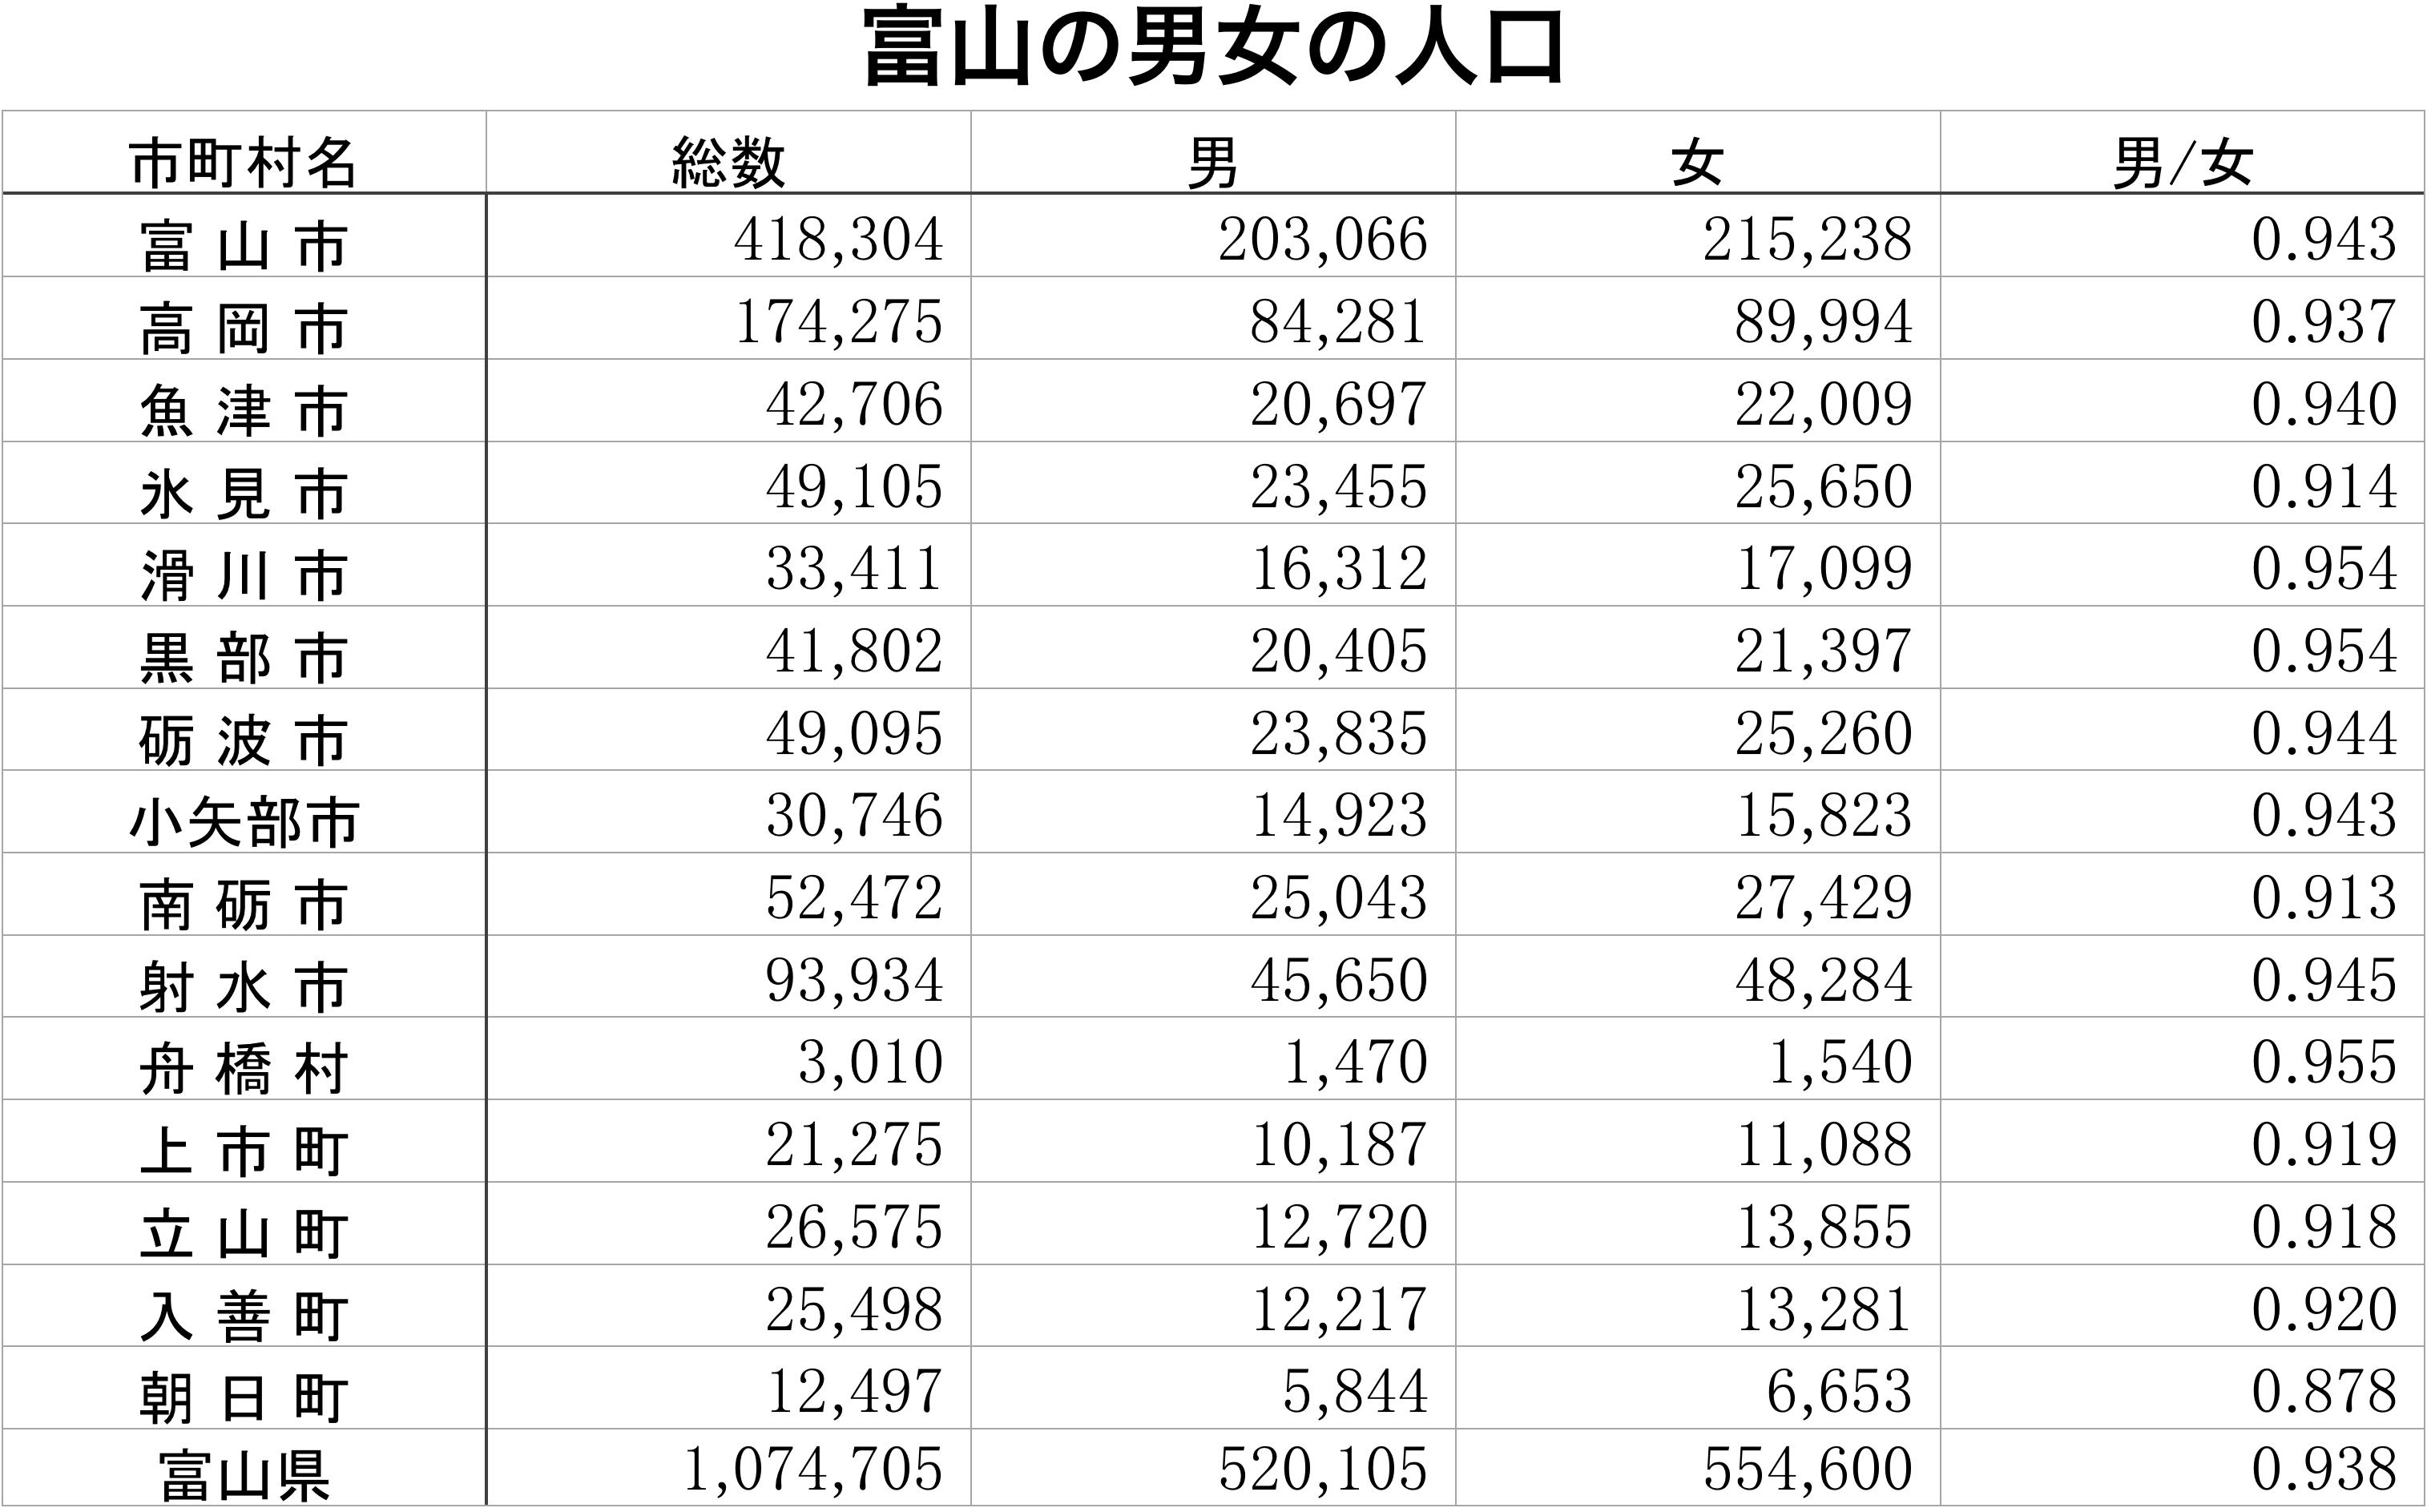 富山県の男女別の人口データ(H17.1.1)